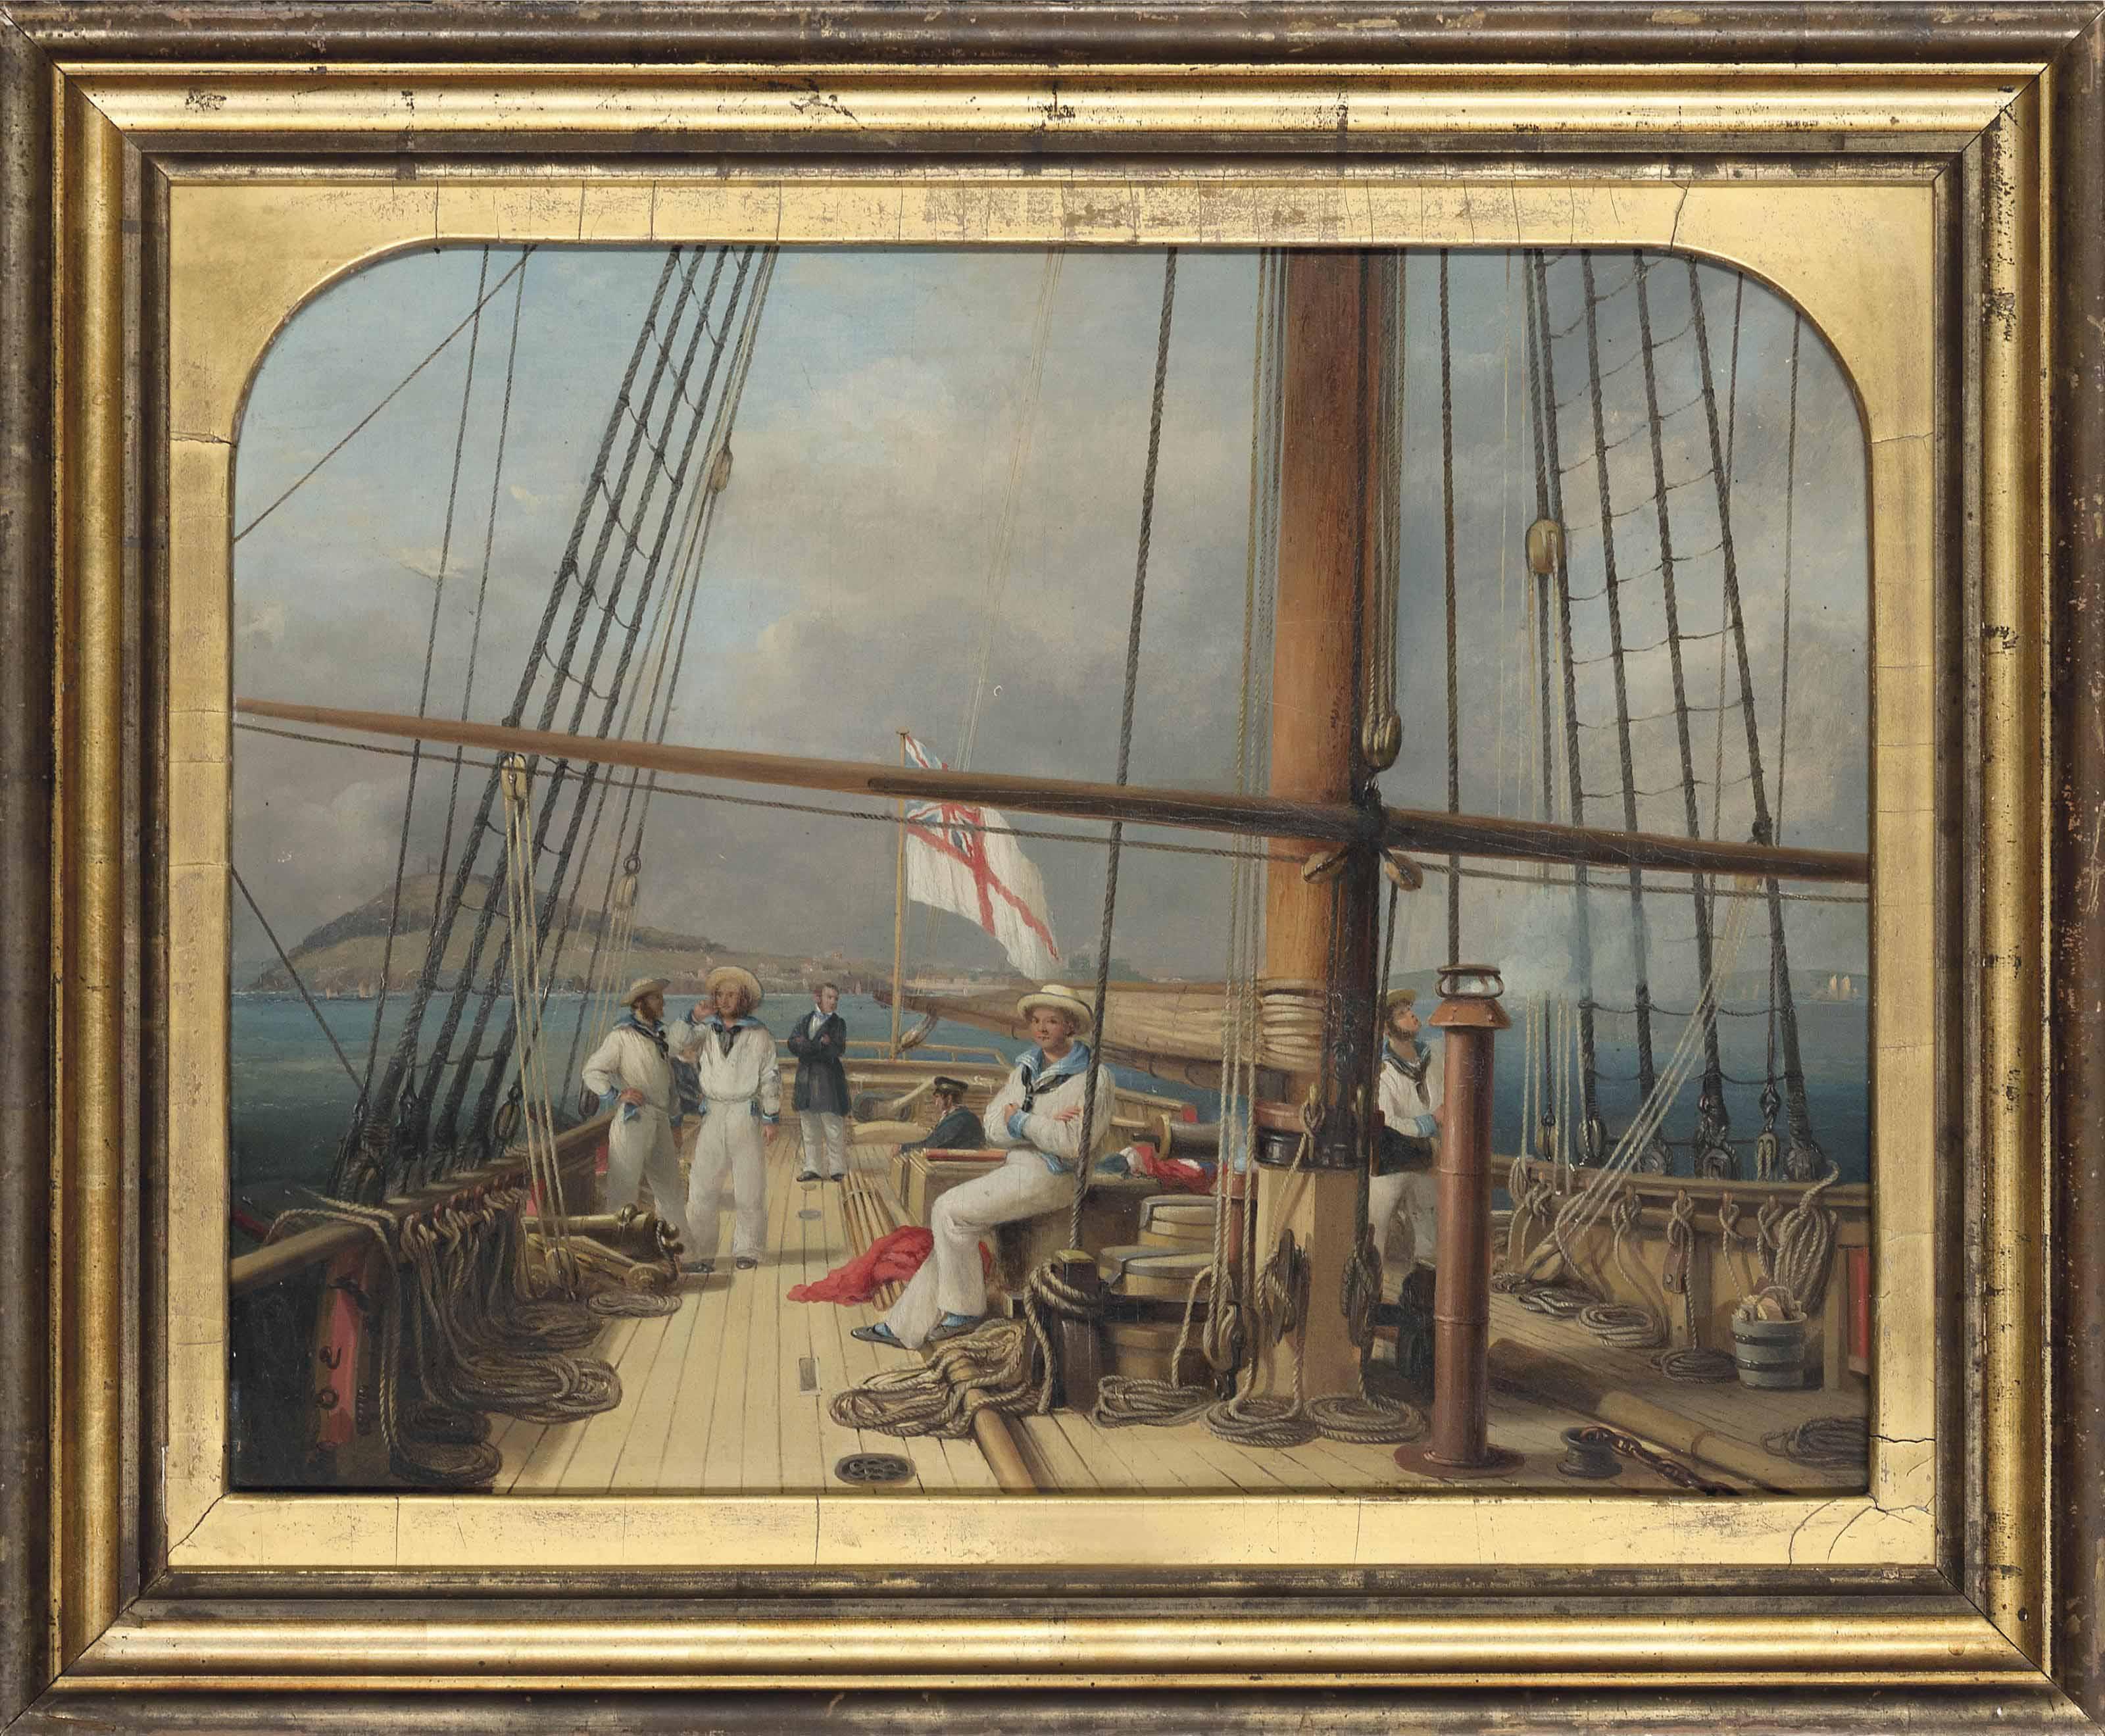 The R.Y.S. cutter yacht Ganymede, with the owner J.H.W. Pigott Smyth Pigott Esq. on deck